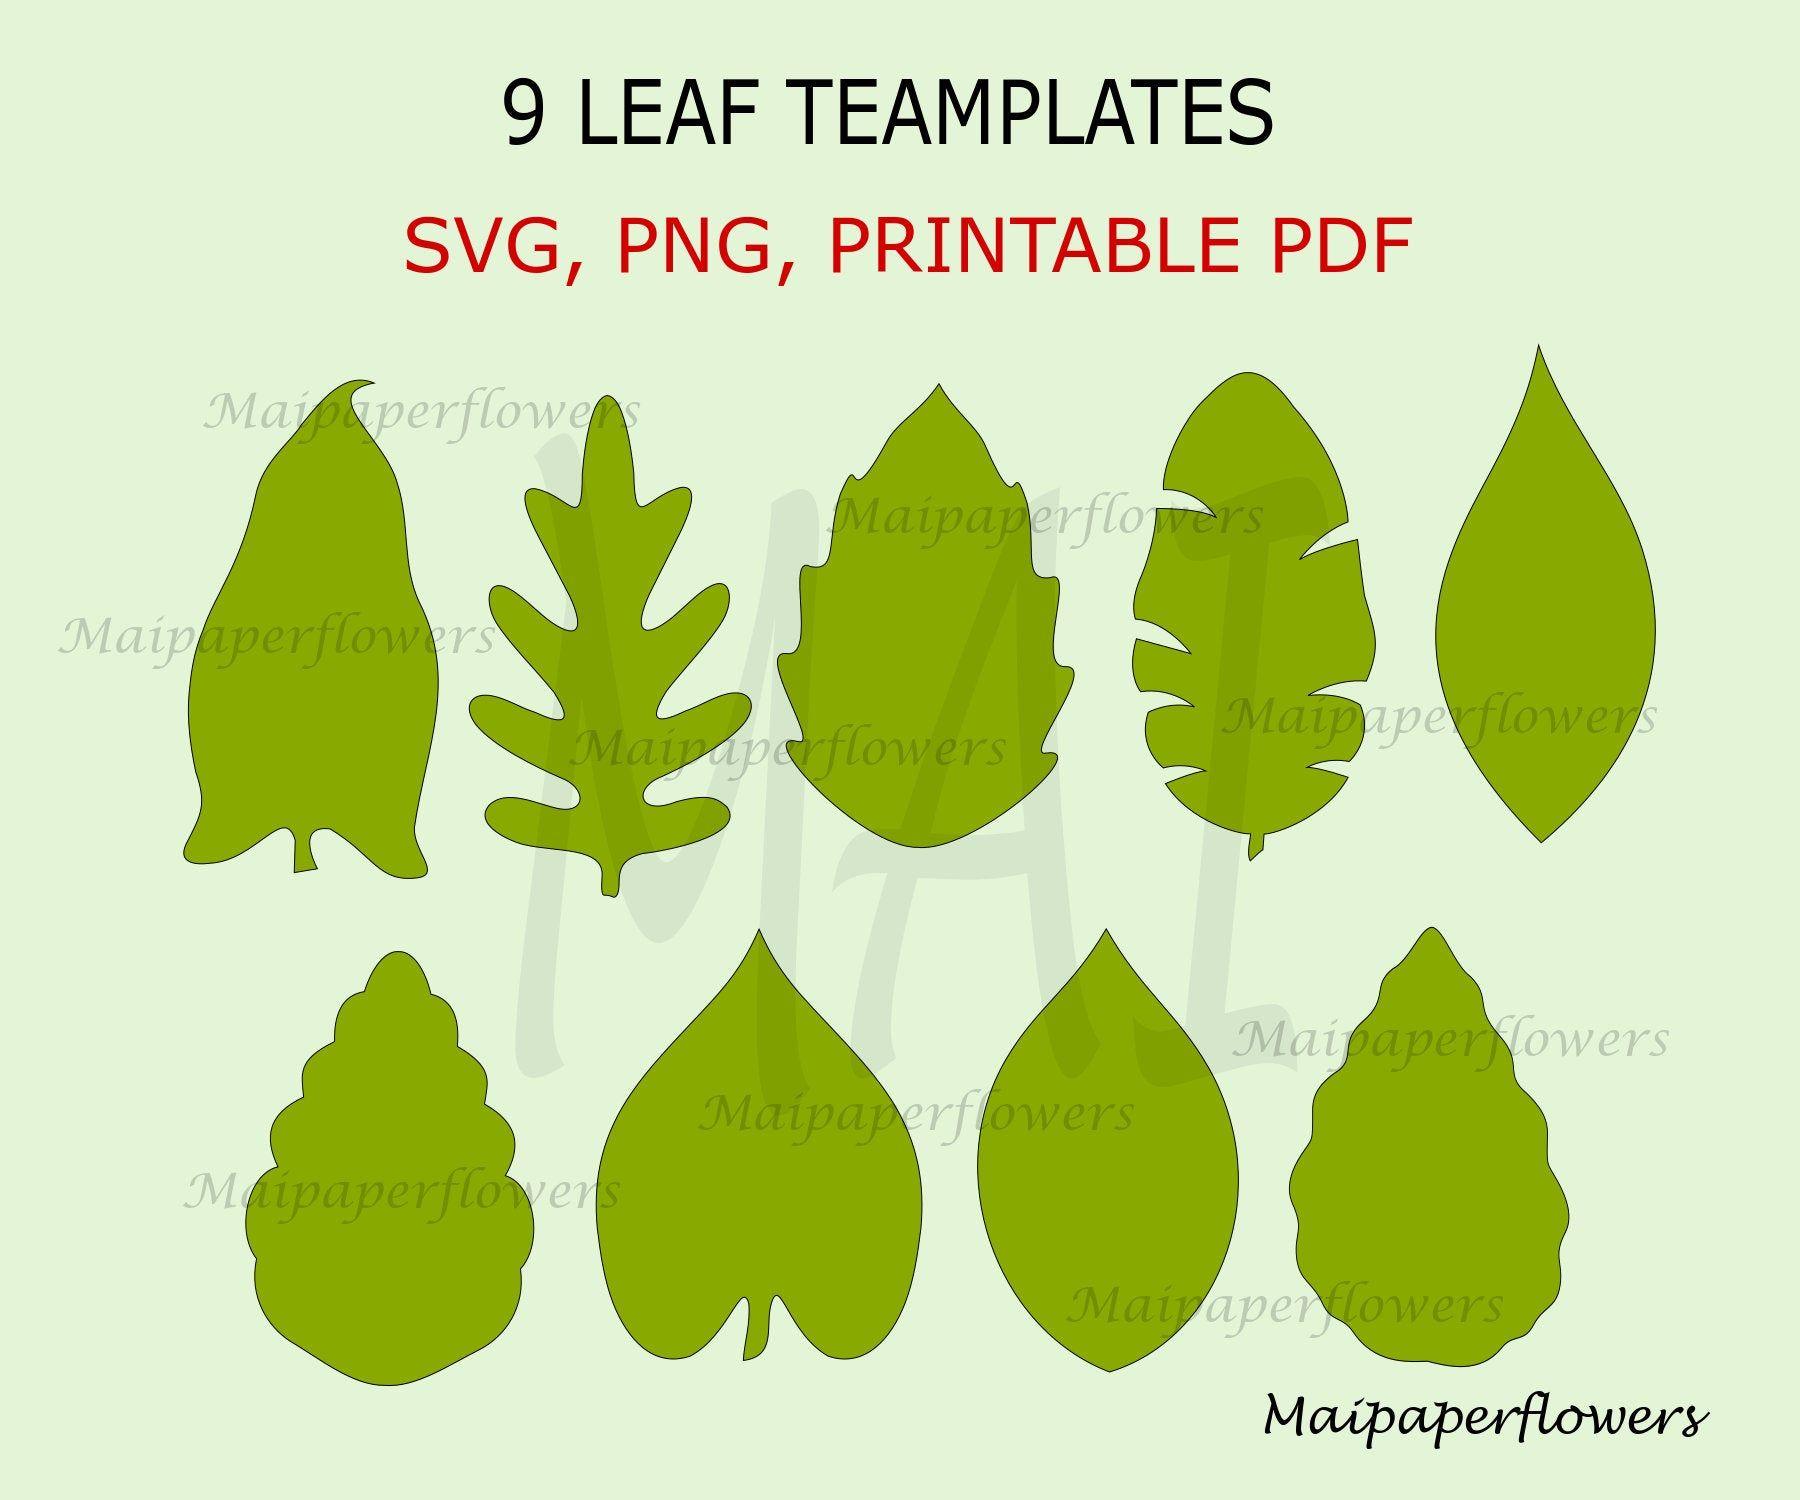 Paper Flower Leaves Svg Png Dxf Pdf Flower Leaf Svg Files Rose Leaves Cutting Svg Rose leaf Svg Paper Flower Leaf Template Svg Branch Svg